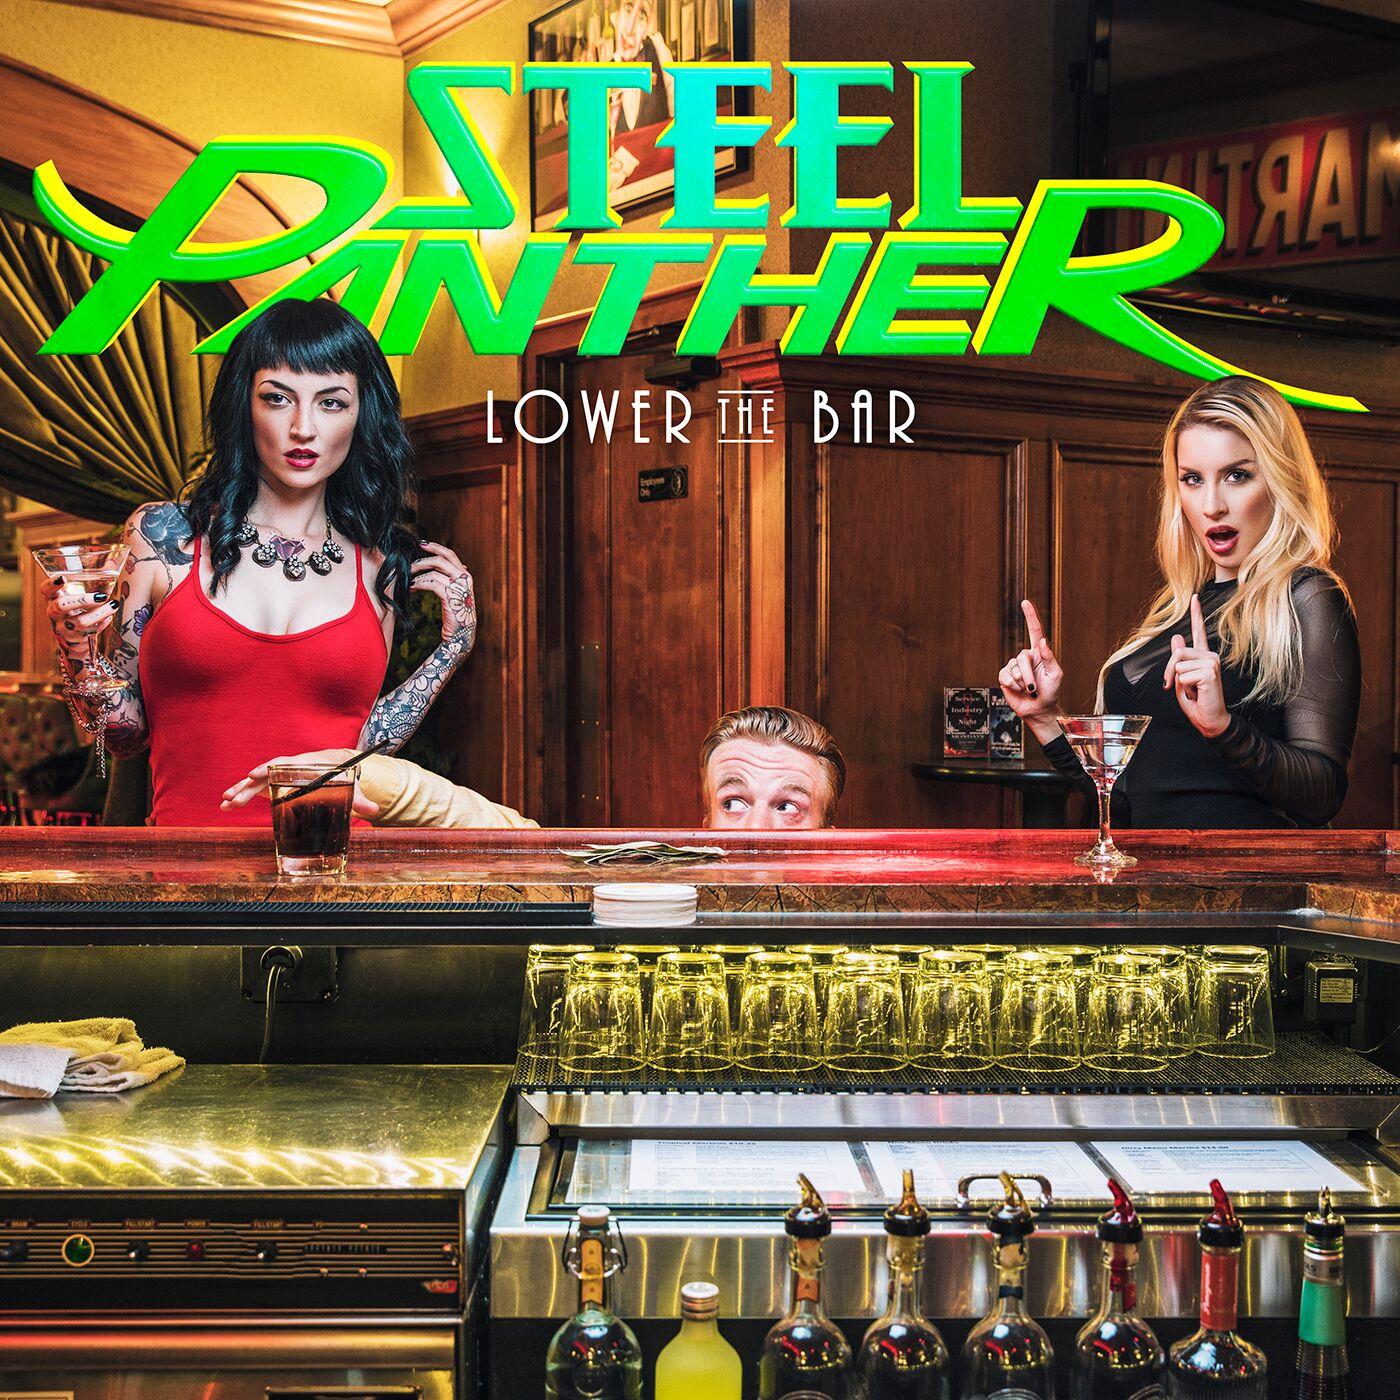 Steel Panther - Lower The Bar<br /><br />Az önmagukat sem komolyan vevő amcsi glamsterek új lemeze a hónap vége felé lesz majd hivatalosan elérhető, de annyit már most elmondhatunk róla, hogy a Lower The Bar semmit nem enged majd a megszokott színvonalból!